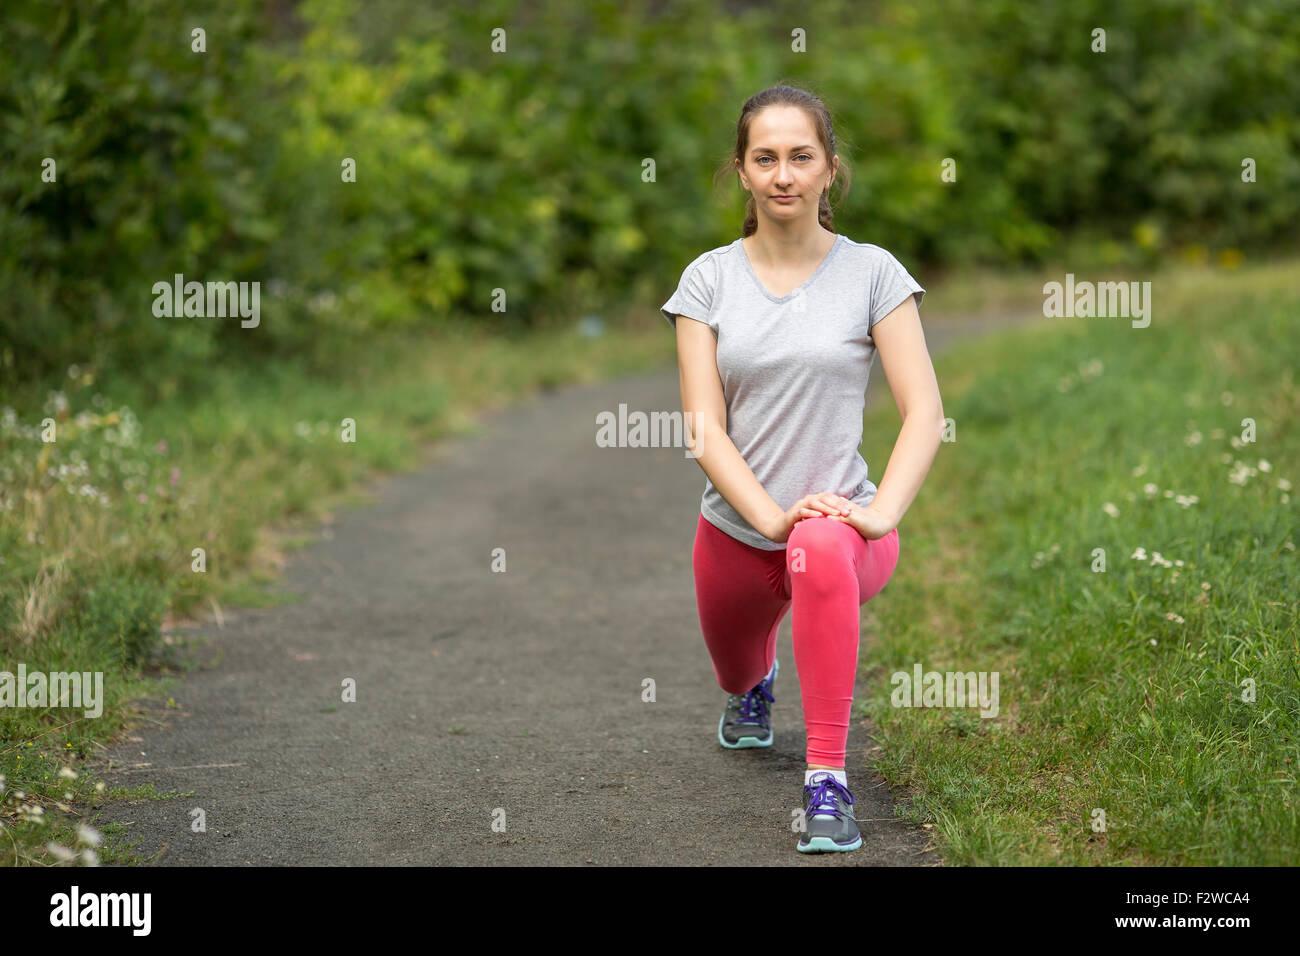 Joven chica deportiva se está calentando al aire libre. Un estilo de vida saludable. Imagen De Stock